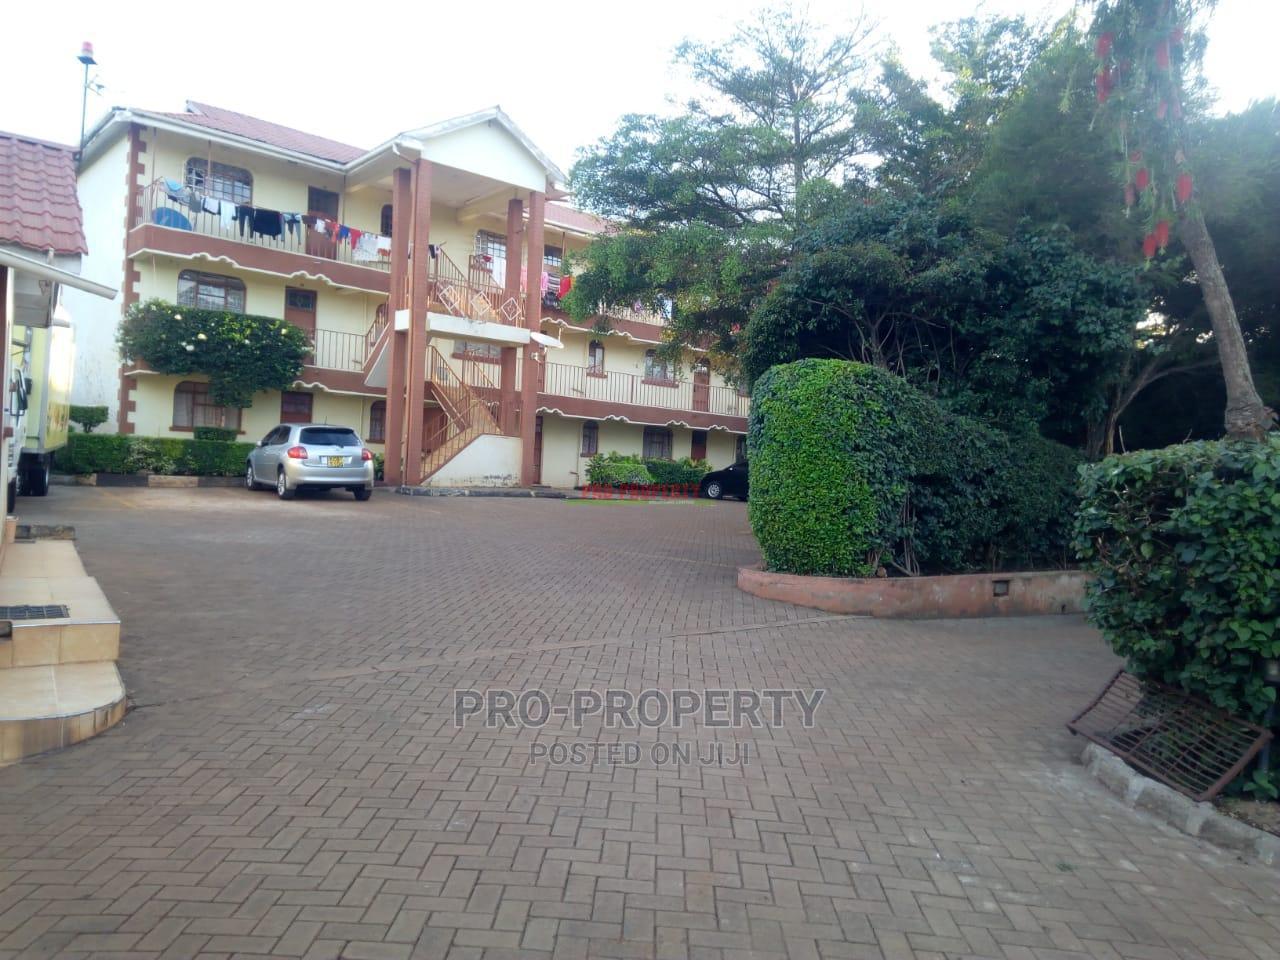 Prime Flat for Sale in Nyeri.